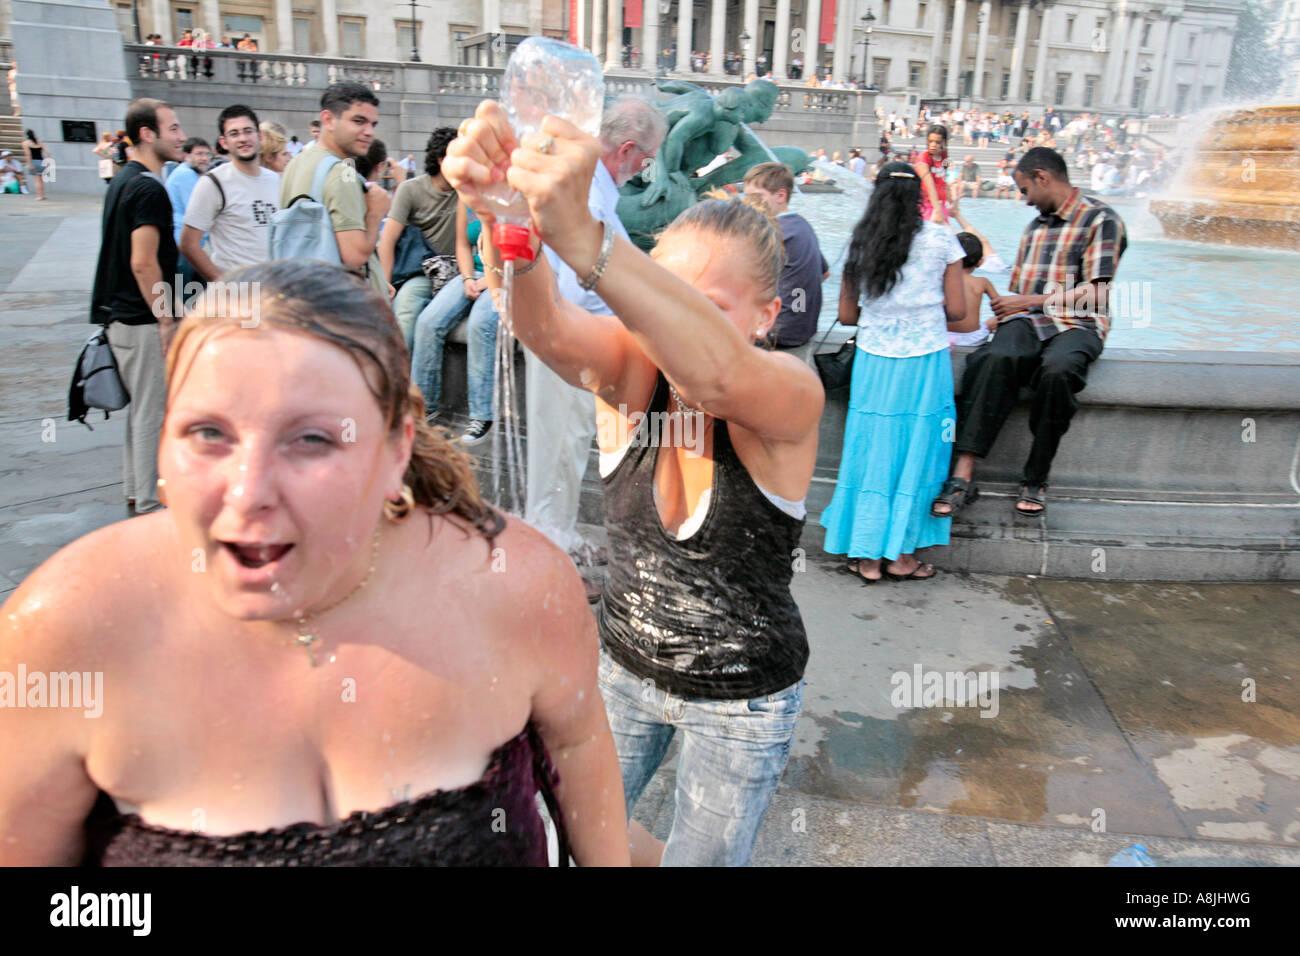 Deux jeunes femmes jouent avec l'eau des fontaines à Trafalgar Square, Londres Photo Stock